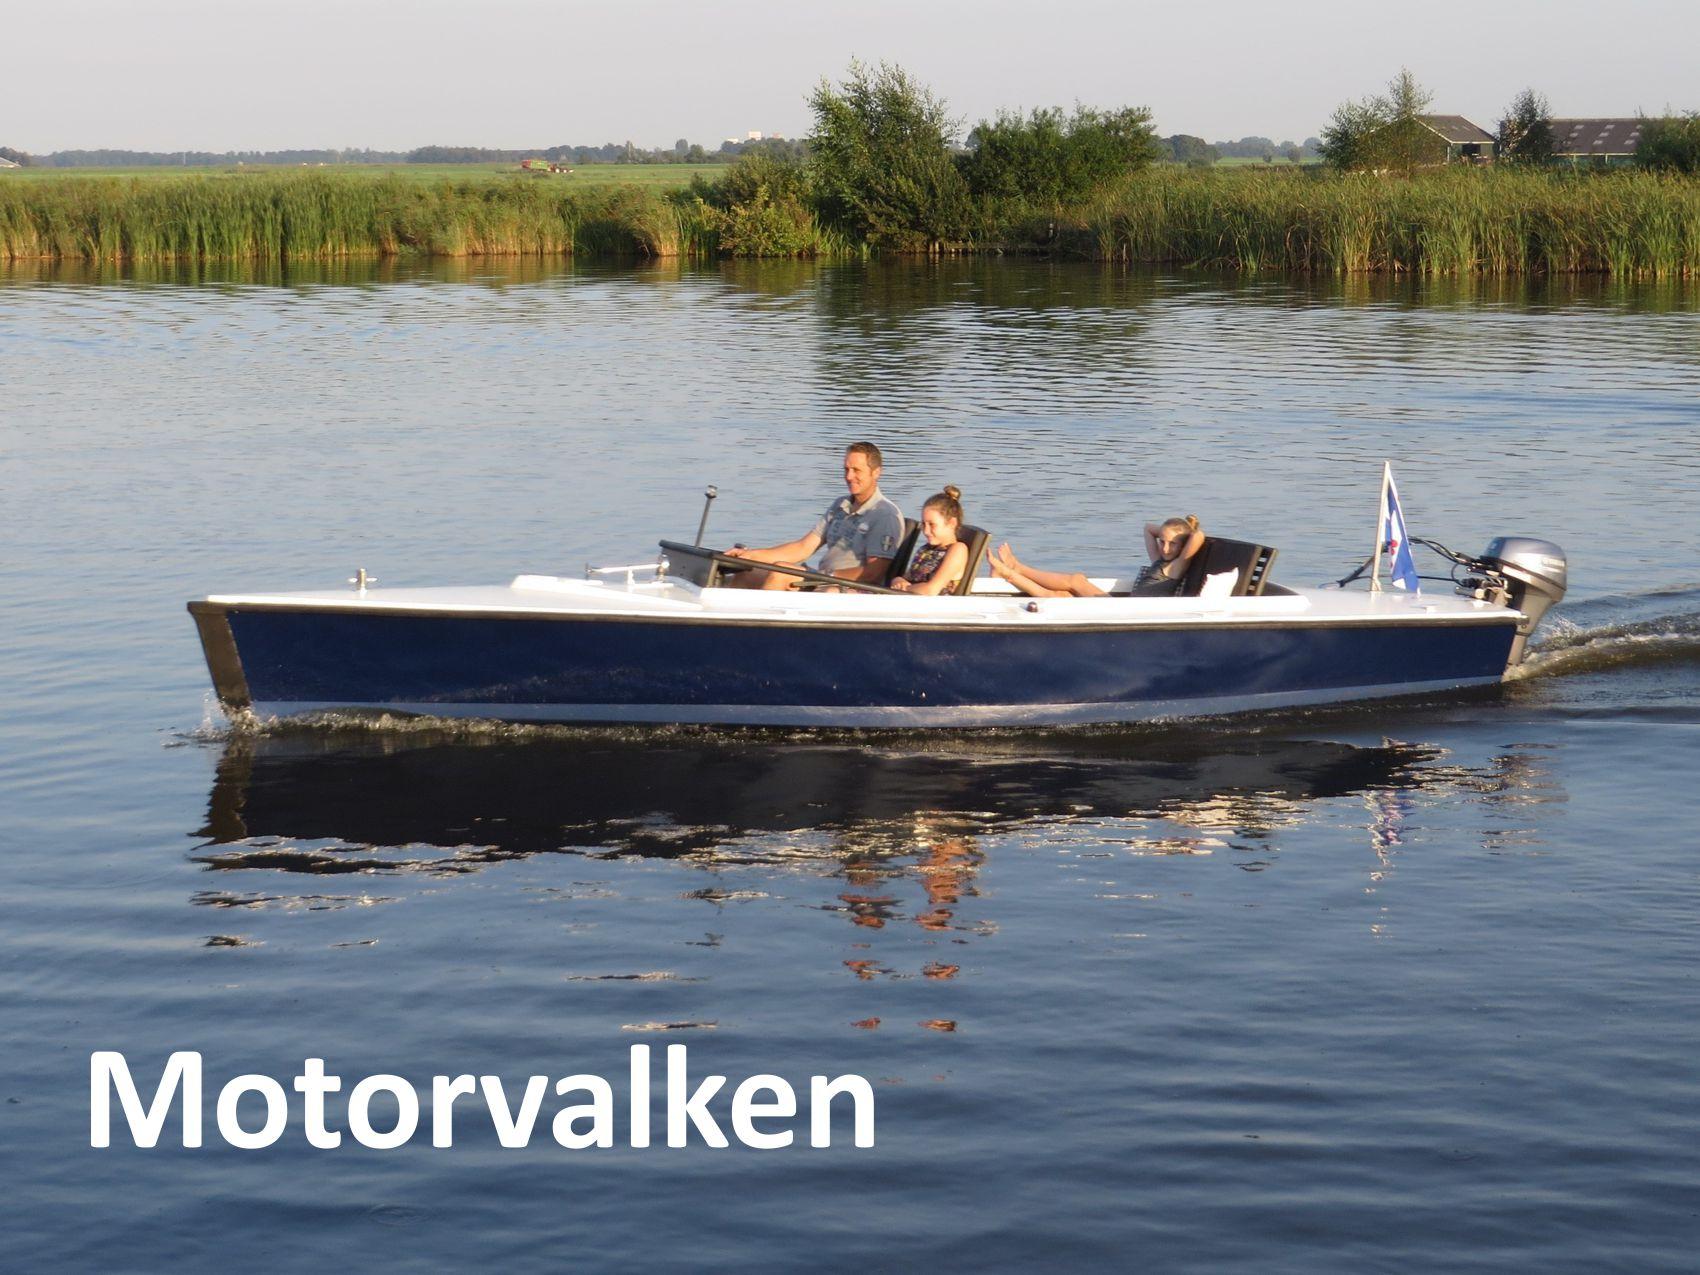 Motorvalk_Bootje_Huren_Varen_Jachthaven_de_Watervriend_Friesland